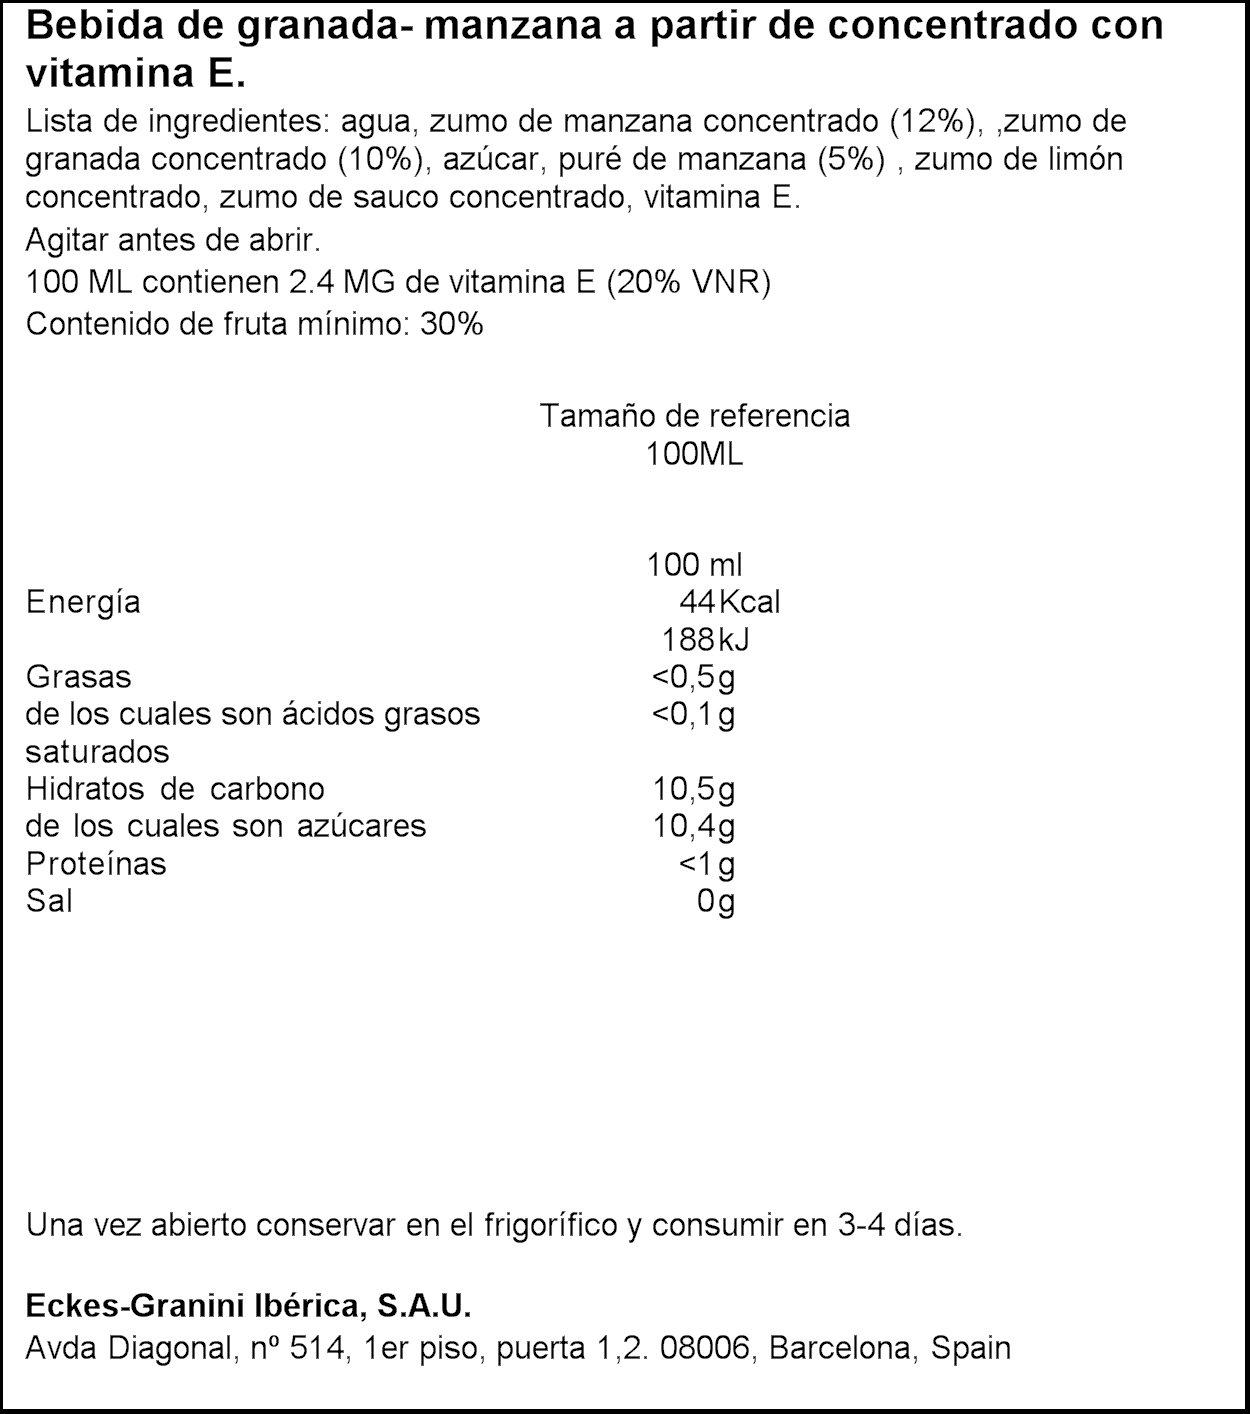 Granini - Granada - Nectar con antioxidantes de la vitamina E - 1 l - , Pack de 6